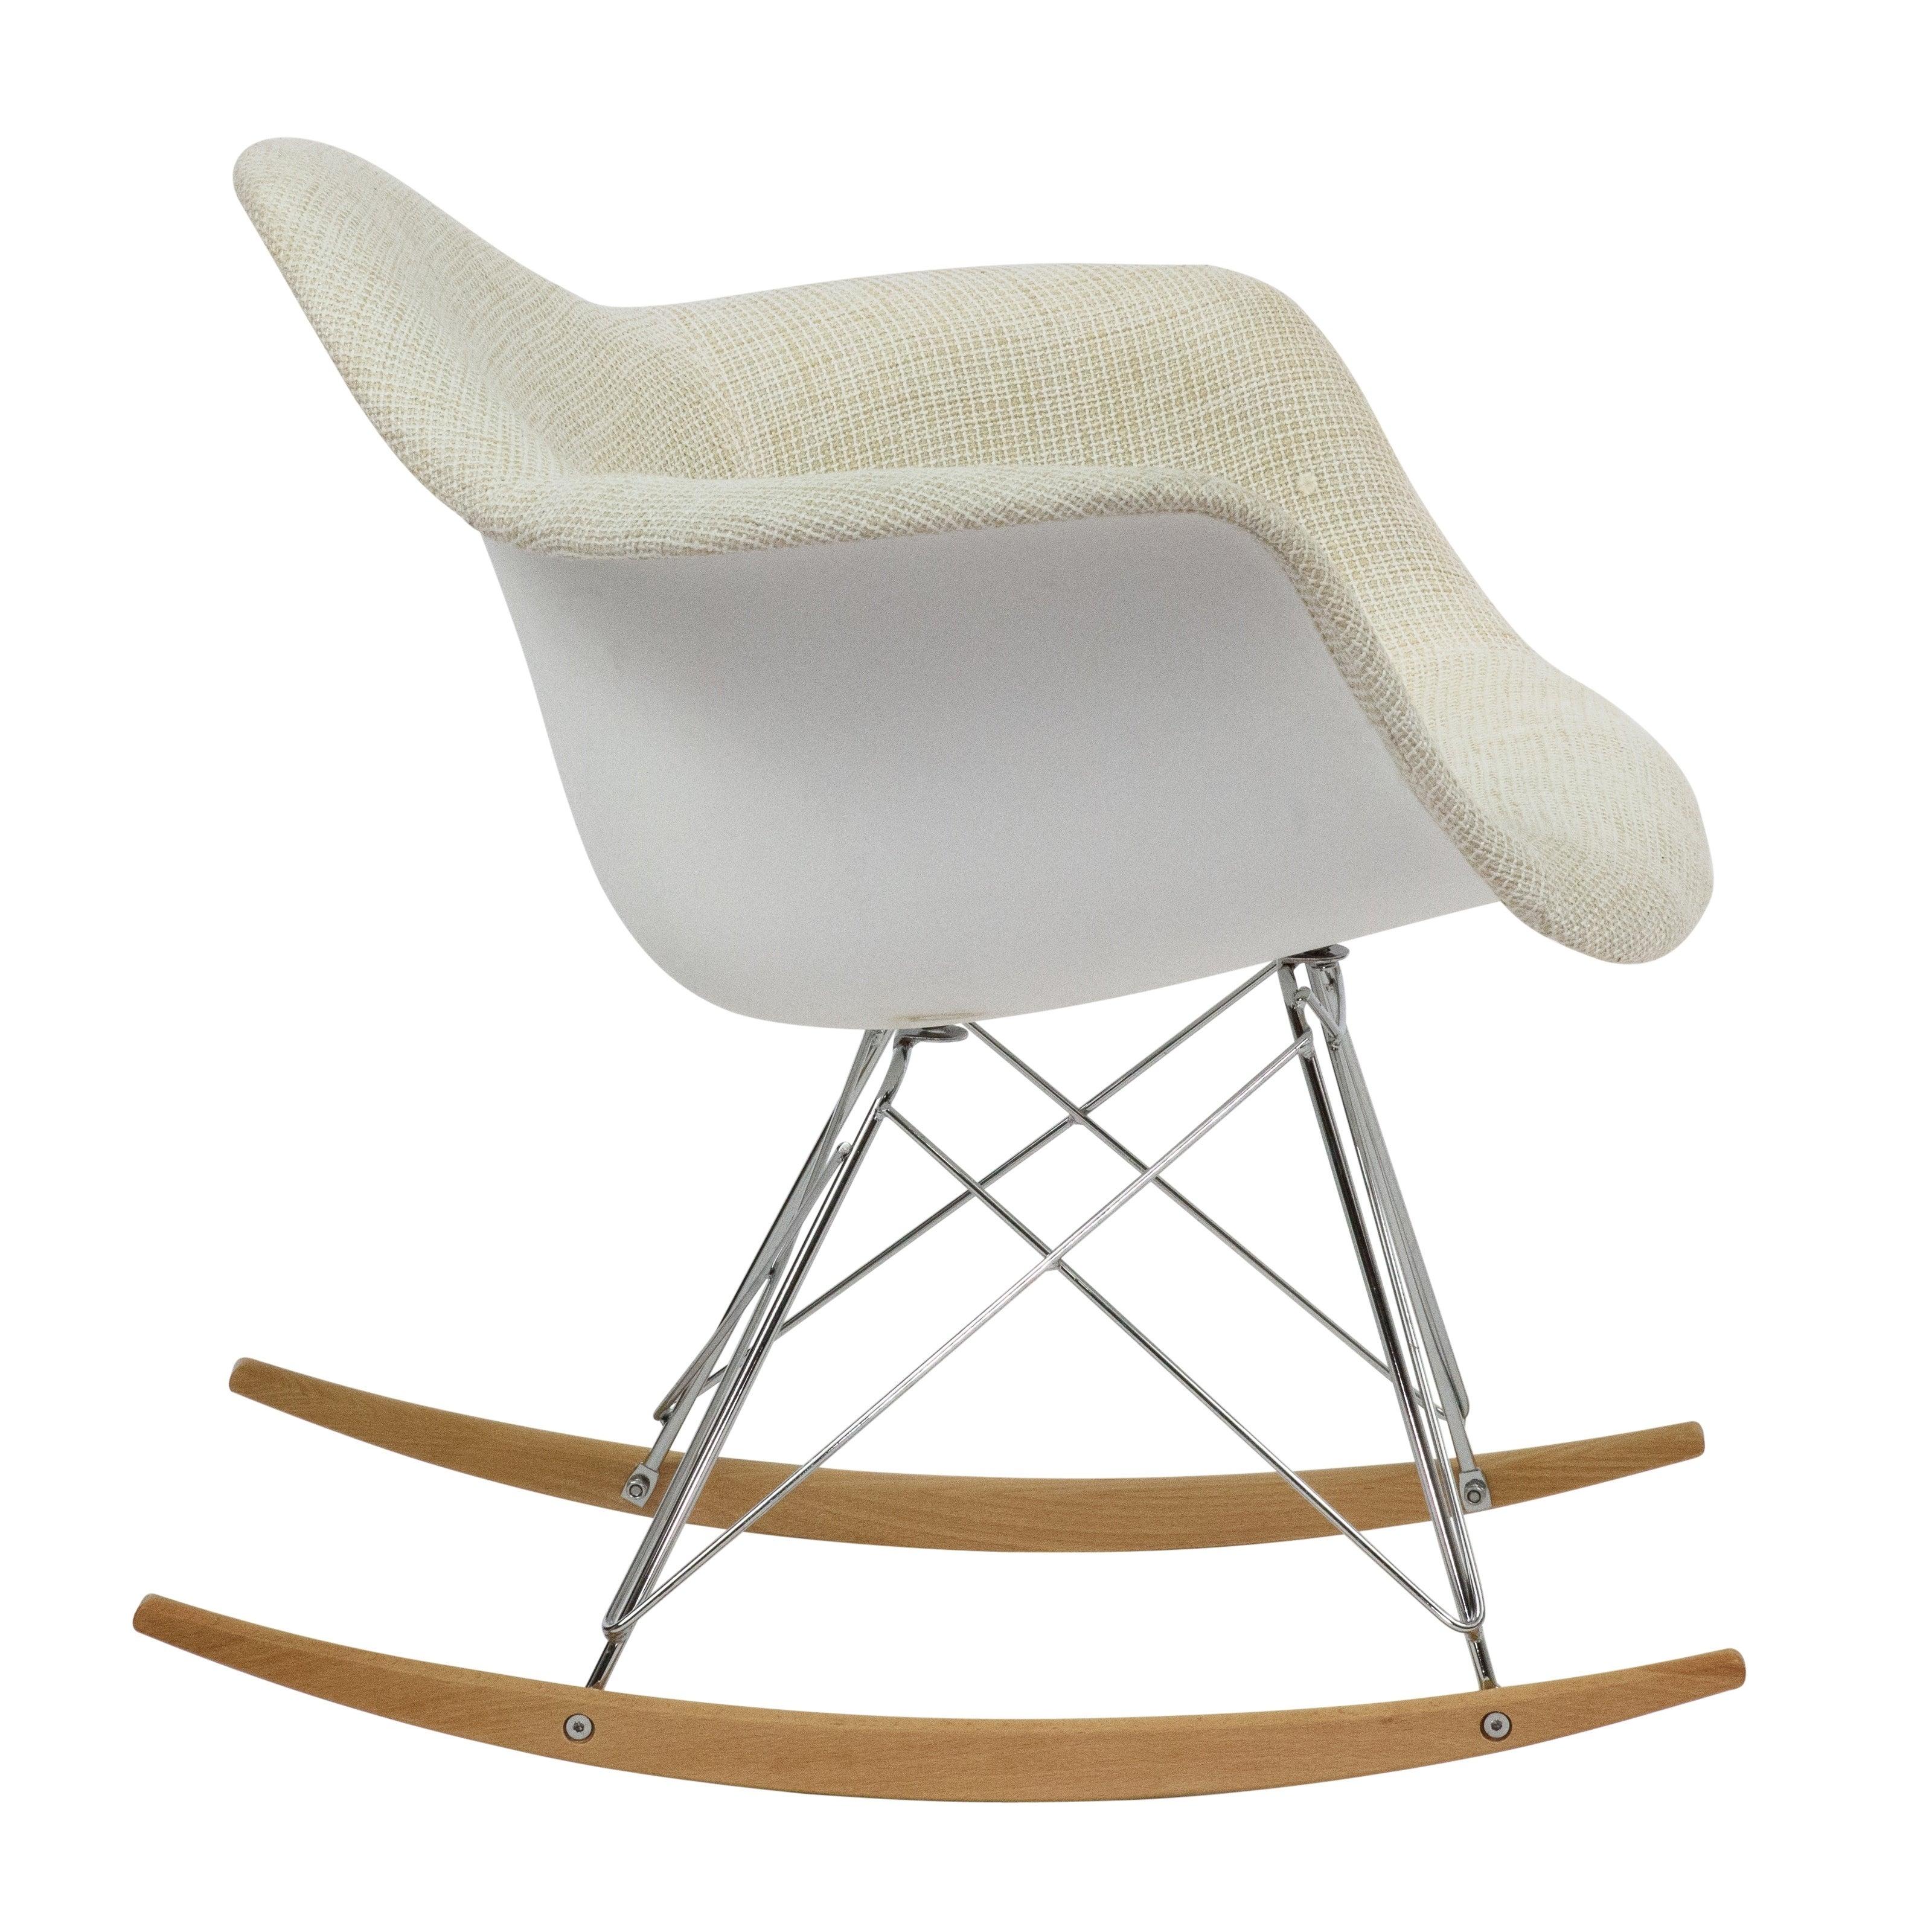 Leisuremod Wilson Twill Fabric Beige Rocking Chair W/ Eiffel Legs In Twill Fabric Multi Rocking Chairs With Eiffel Legs (View 4 of 20)